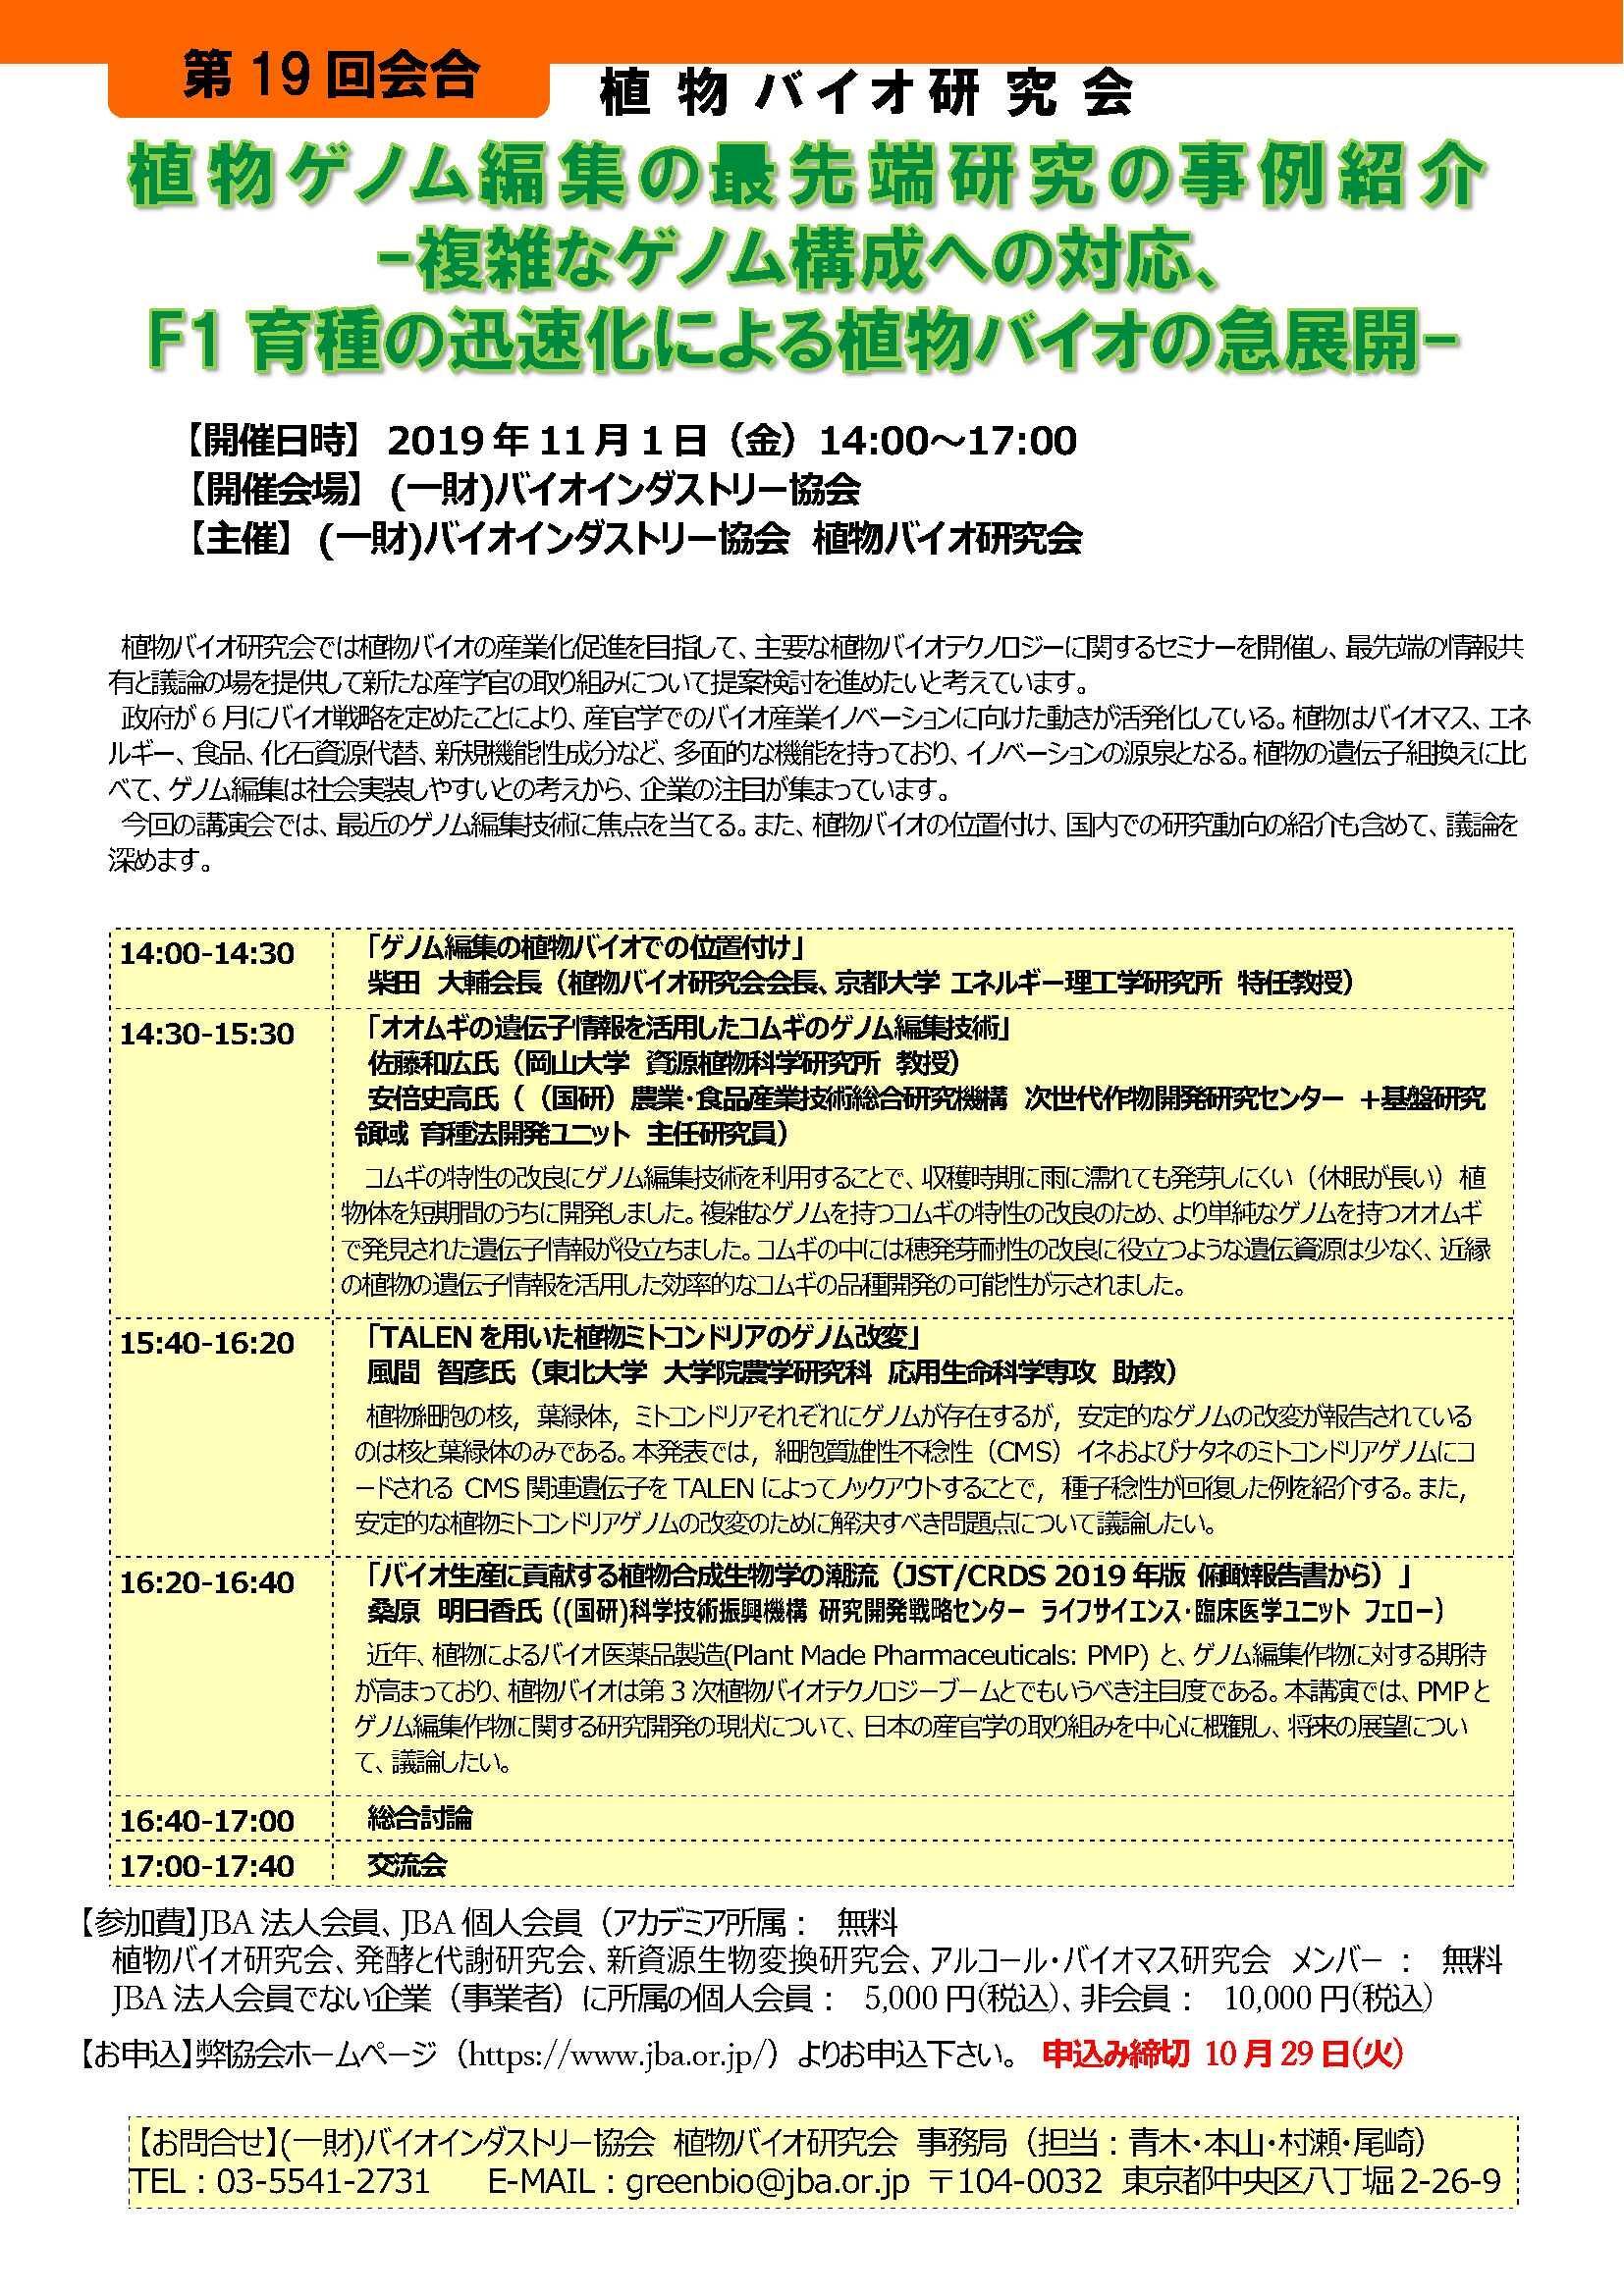 191101_plant_19_seminar.jpg